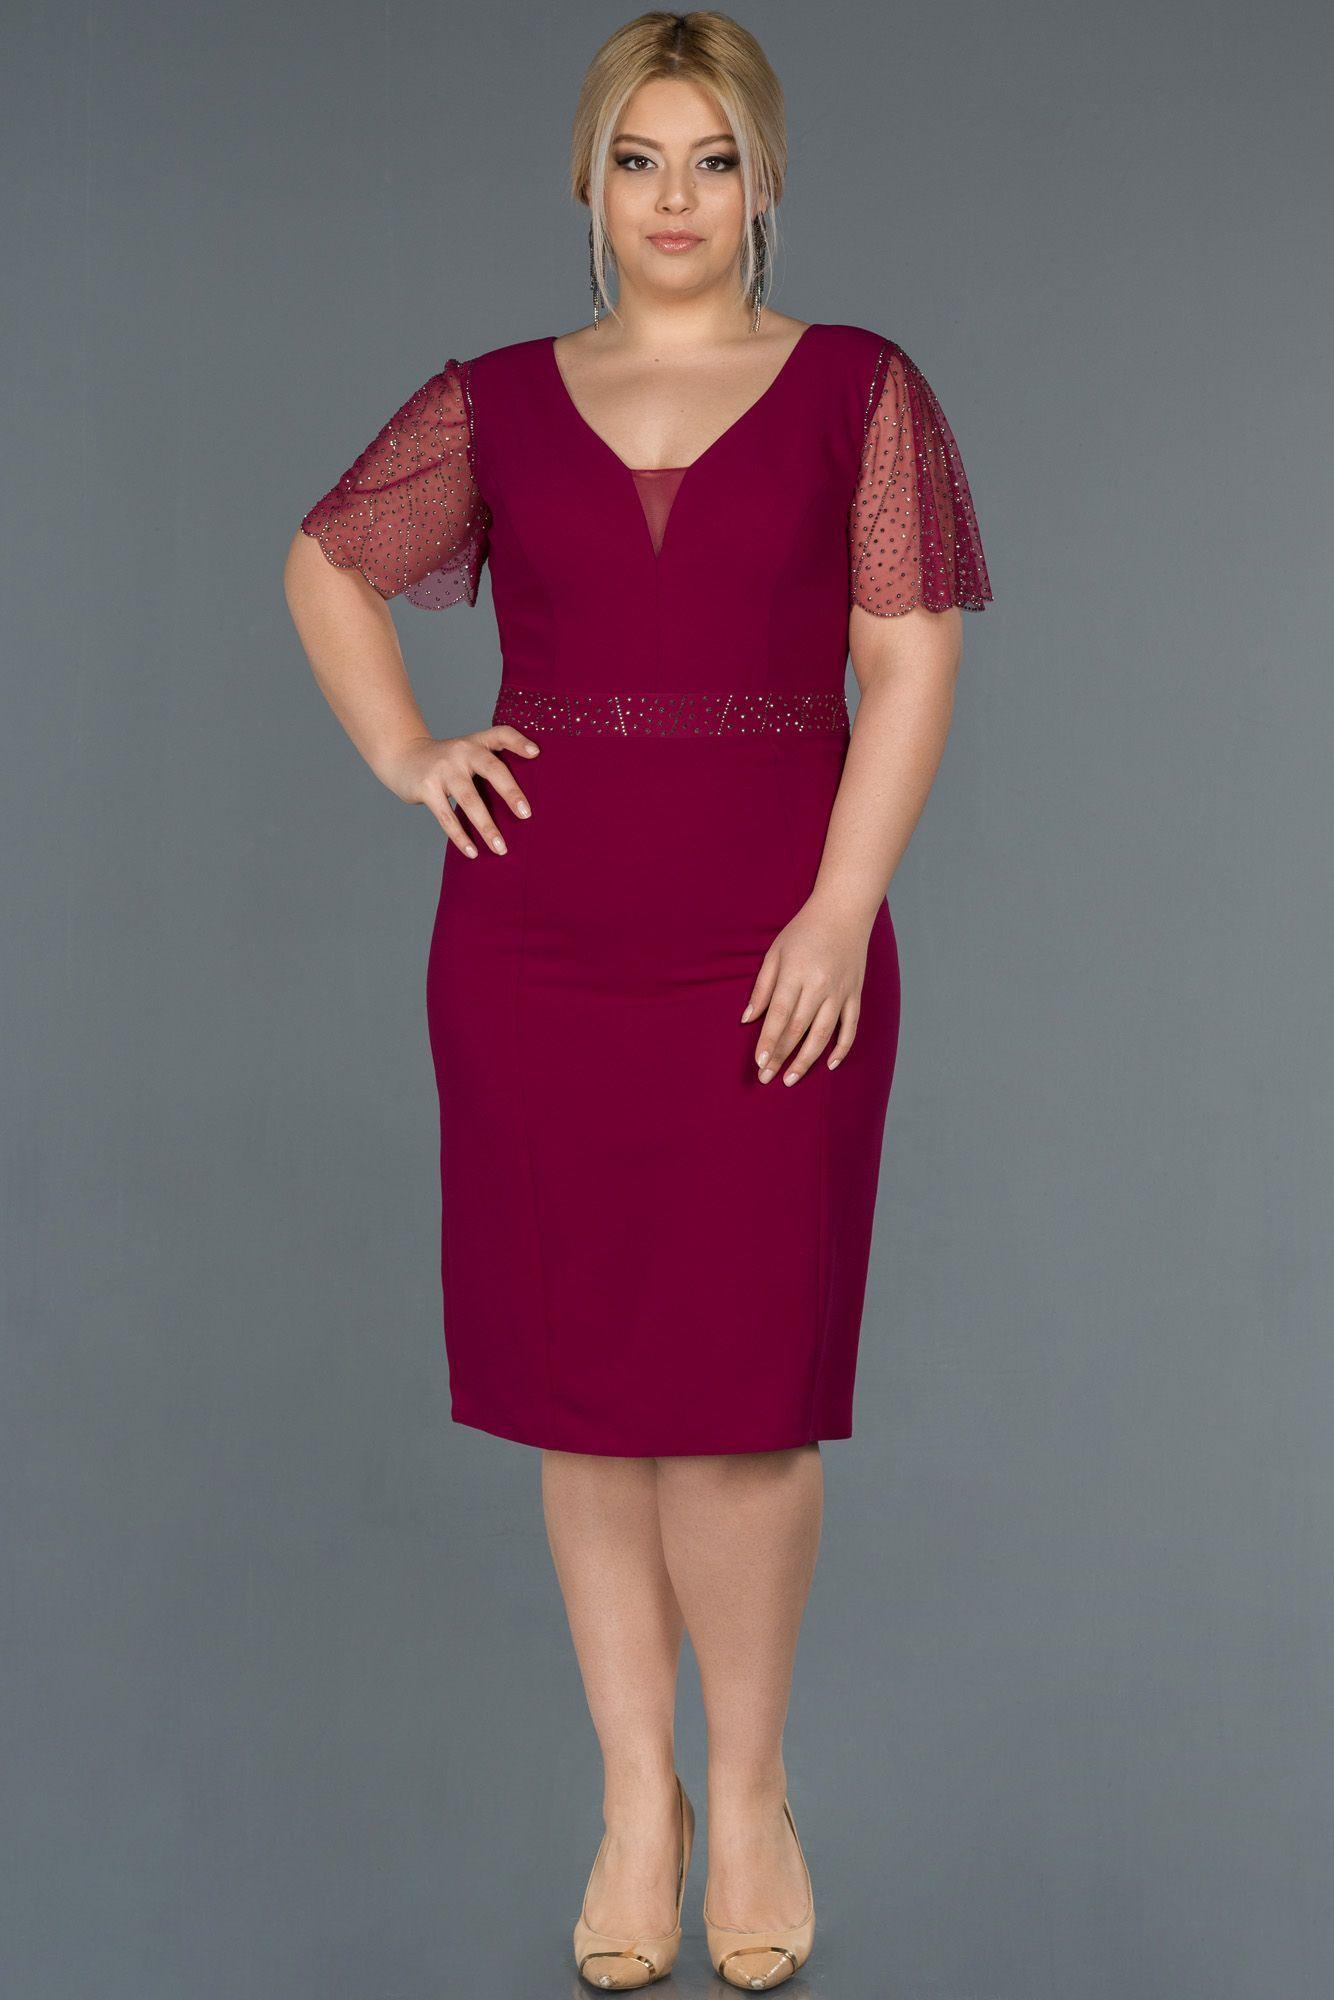 Murdum Kollari Transparan Buyuk Beden Abiye Abk752 2020 Elbise Modelleri Elbise The Dress